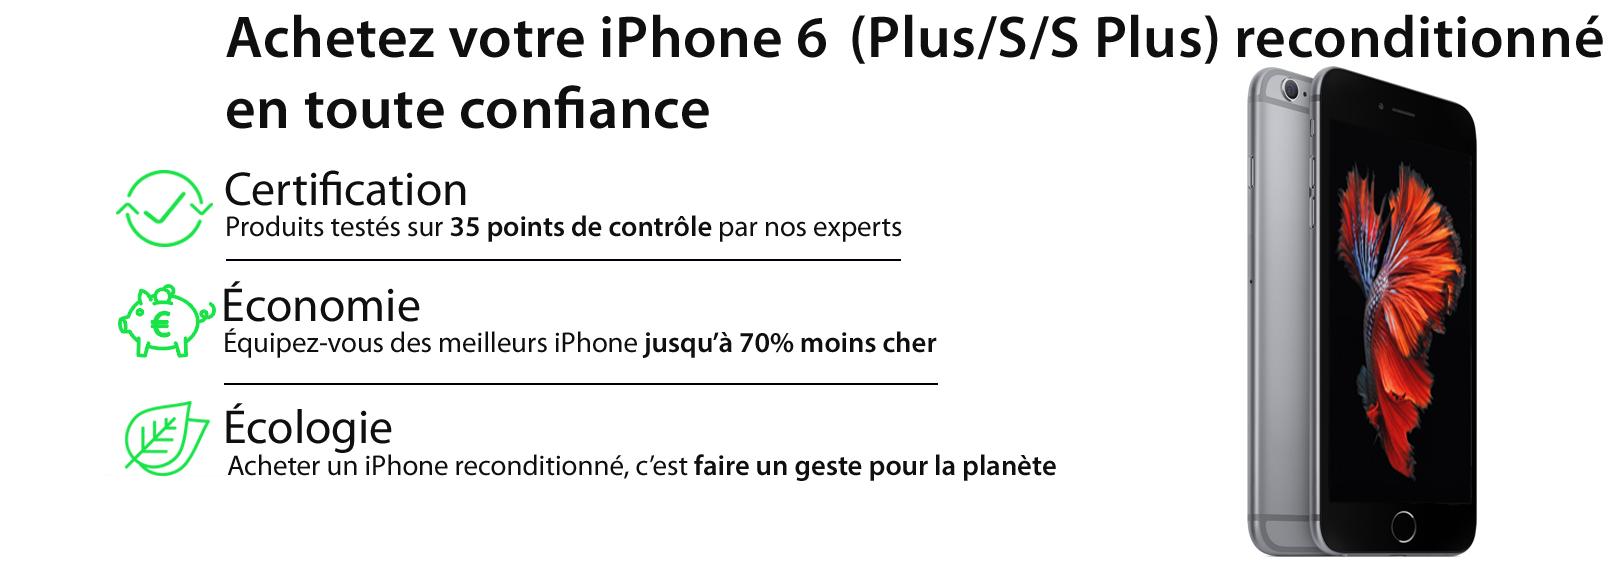 iphone 6 recondtionné iphone 6S reconditionné